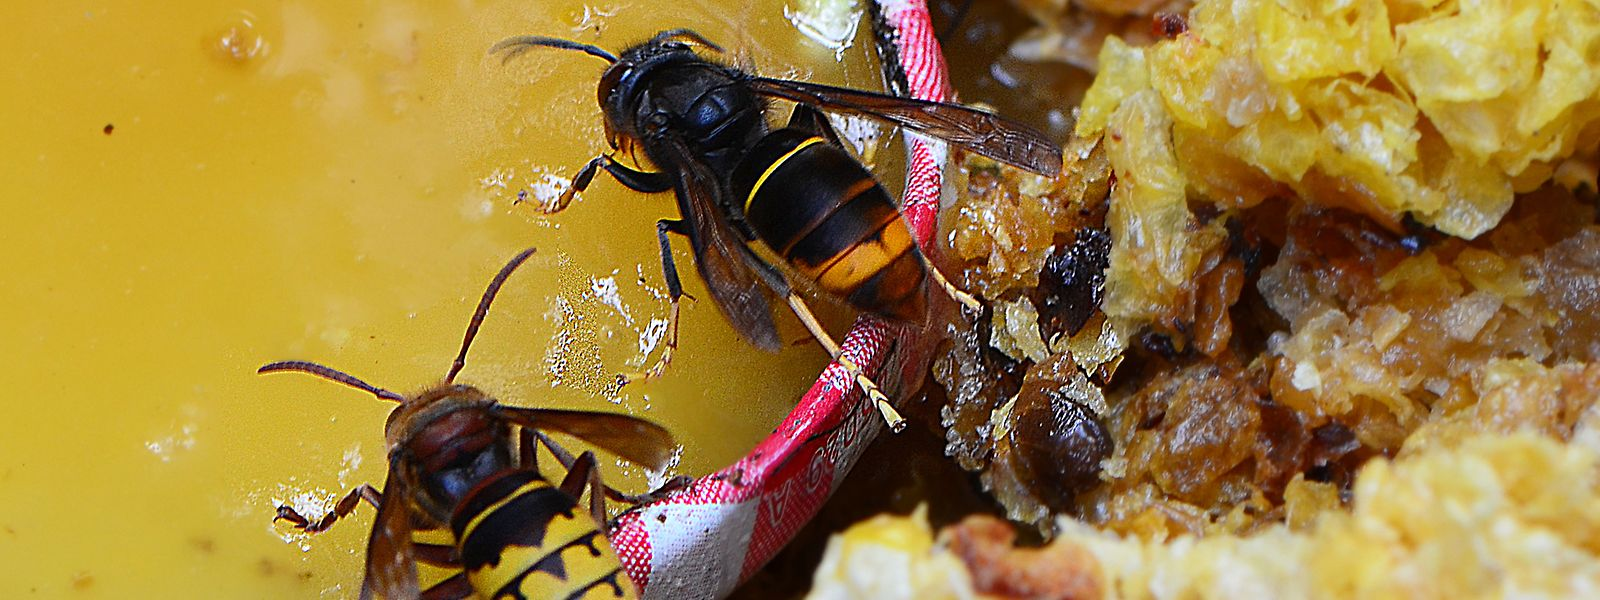 Die nicht als aggressiv geltende Hornisse hat gelbe Beine und einen dunkleren Körper.